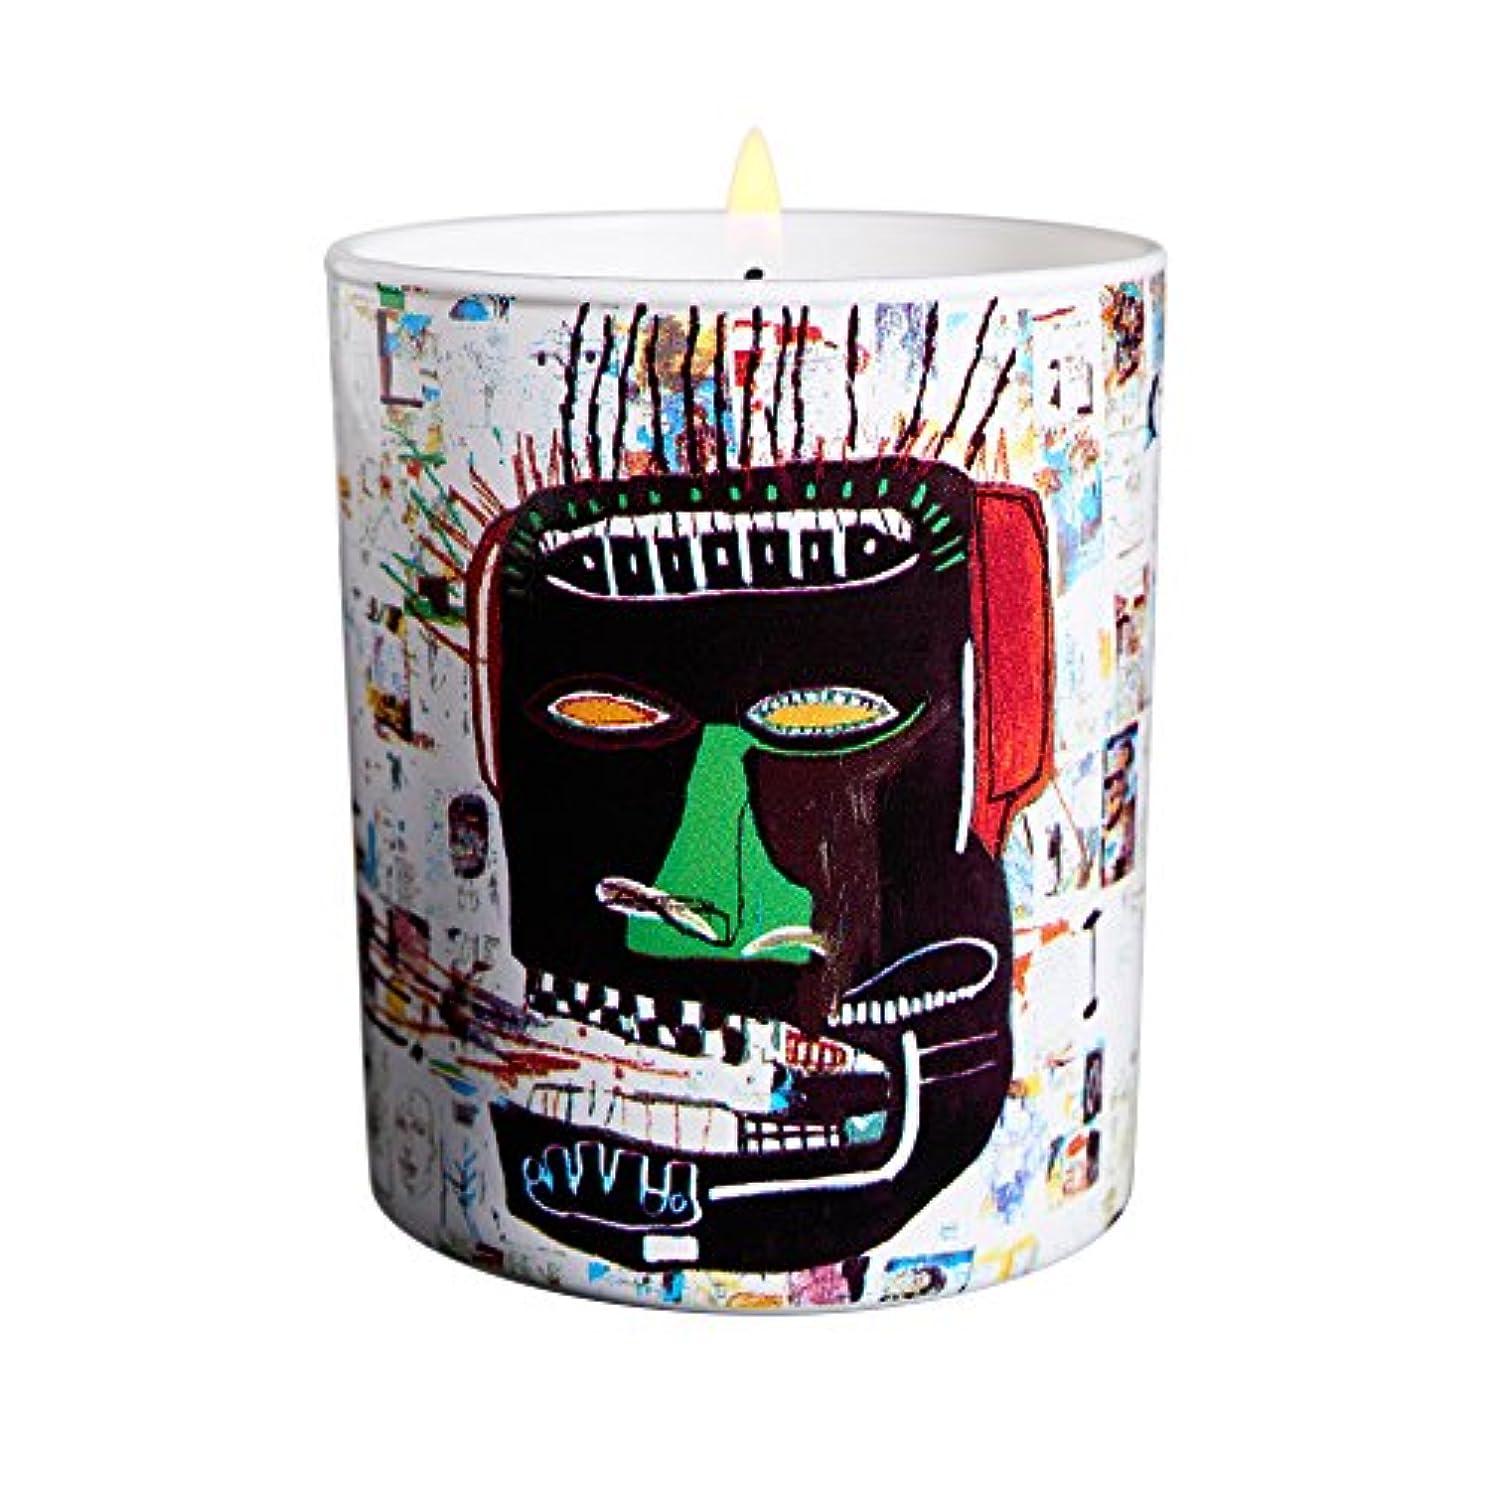 宝ディスコフォアマンジャン ミシェル バスキア グレン キャンドル(Jean-Michael Basquiat Perfumed Candle